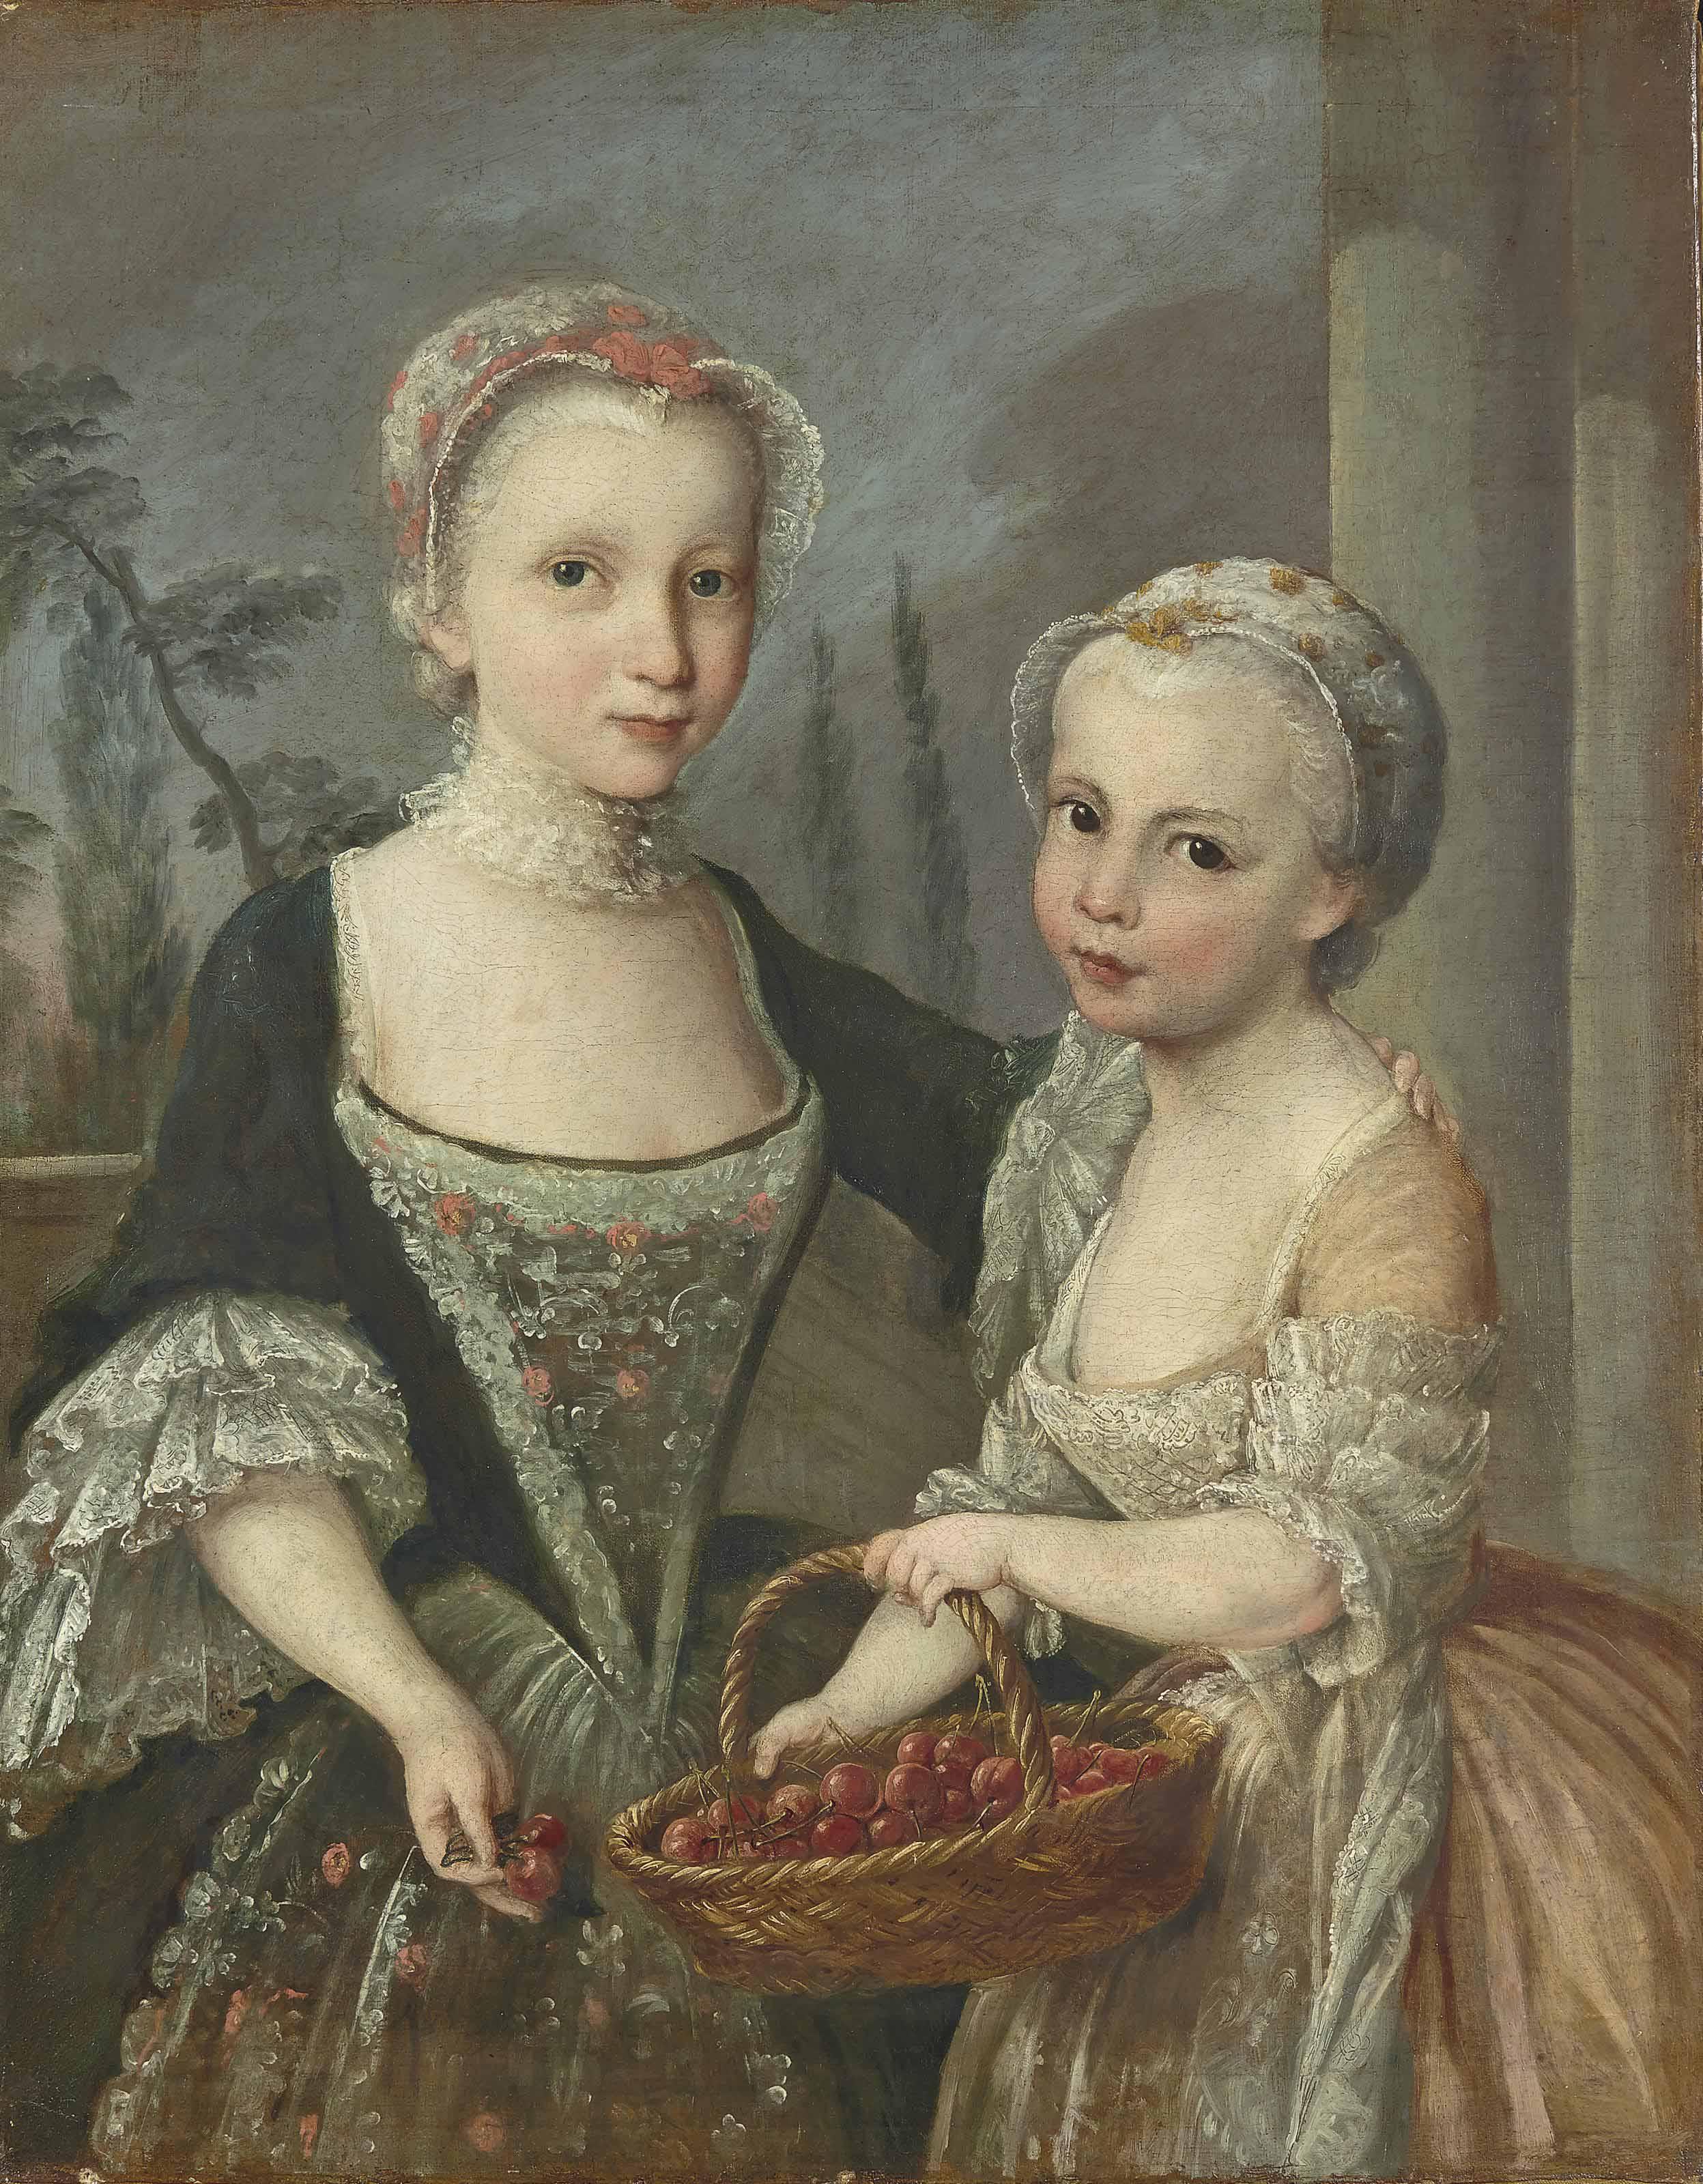 Deux petites filles tenant un panier de cerises